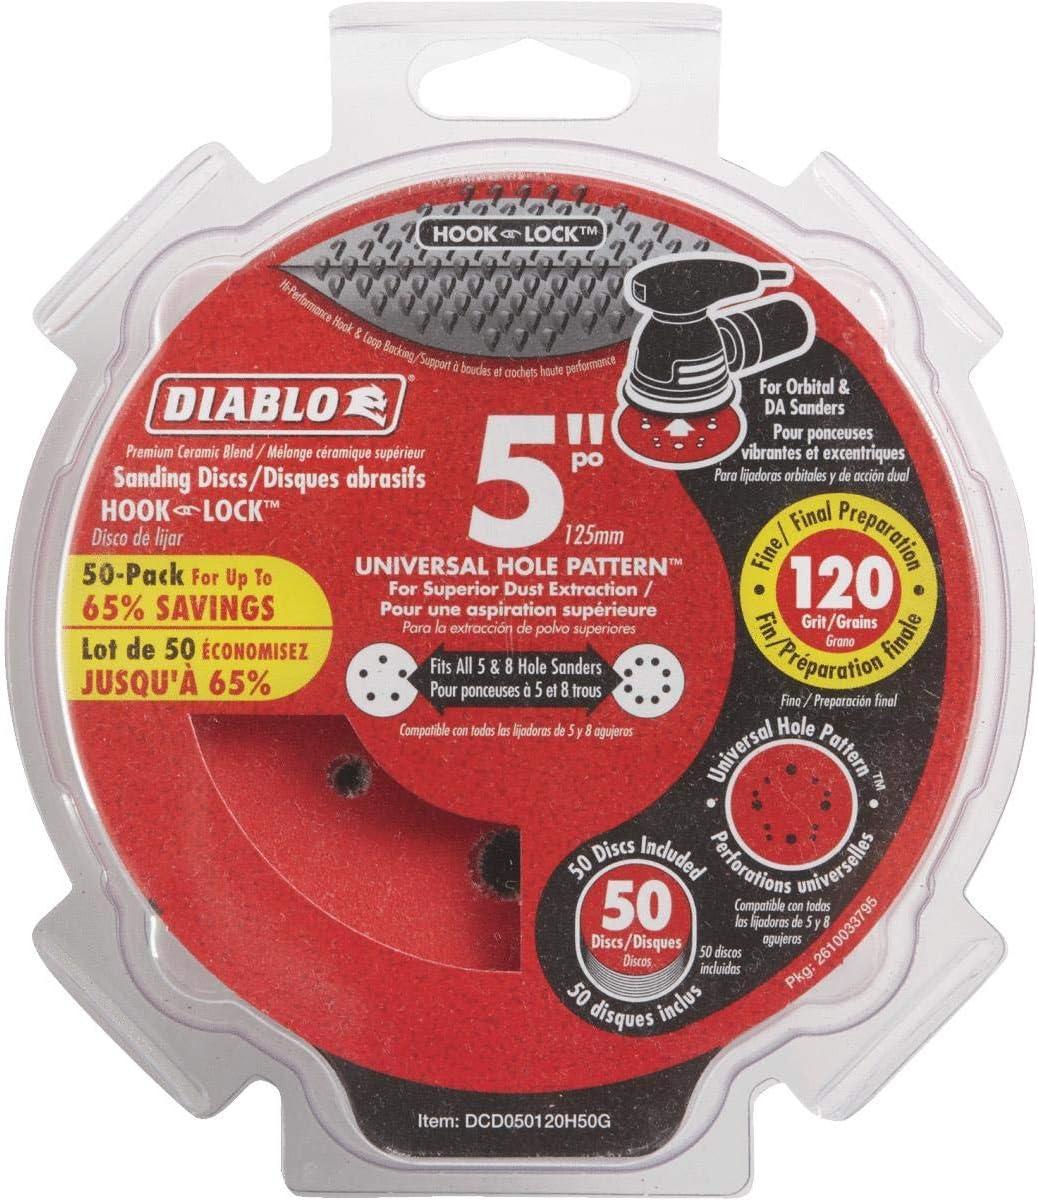 Diablo DCD050120H50G 5 in. 120-Grit Universal Hole Random Orbital Sanding Disc (50-Pack)